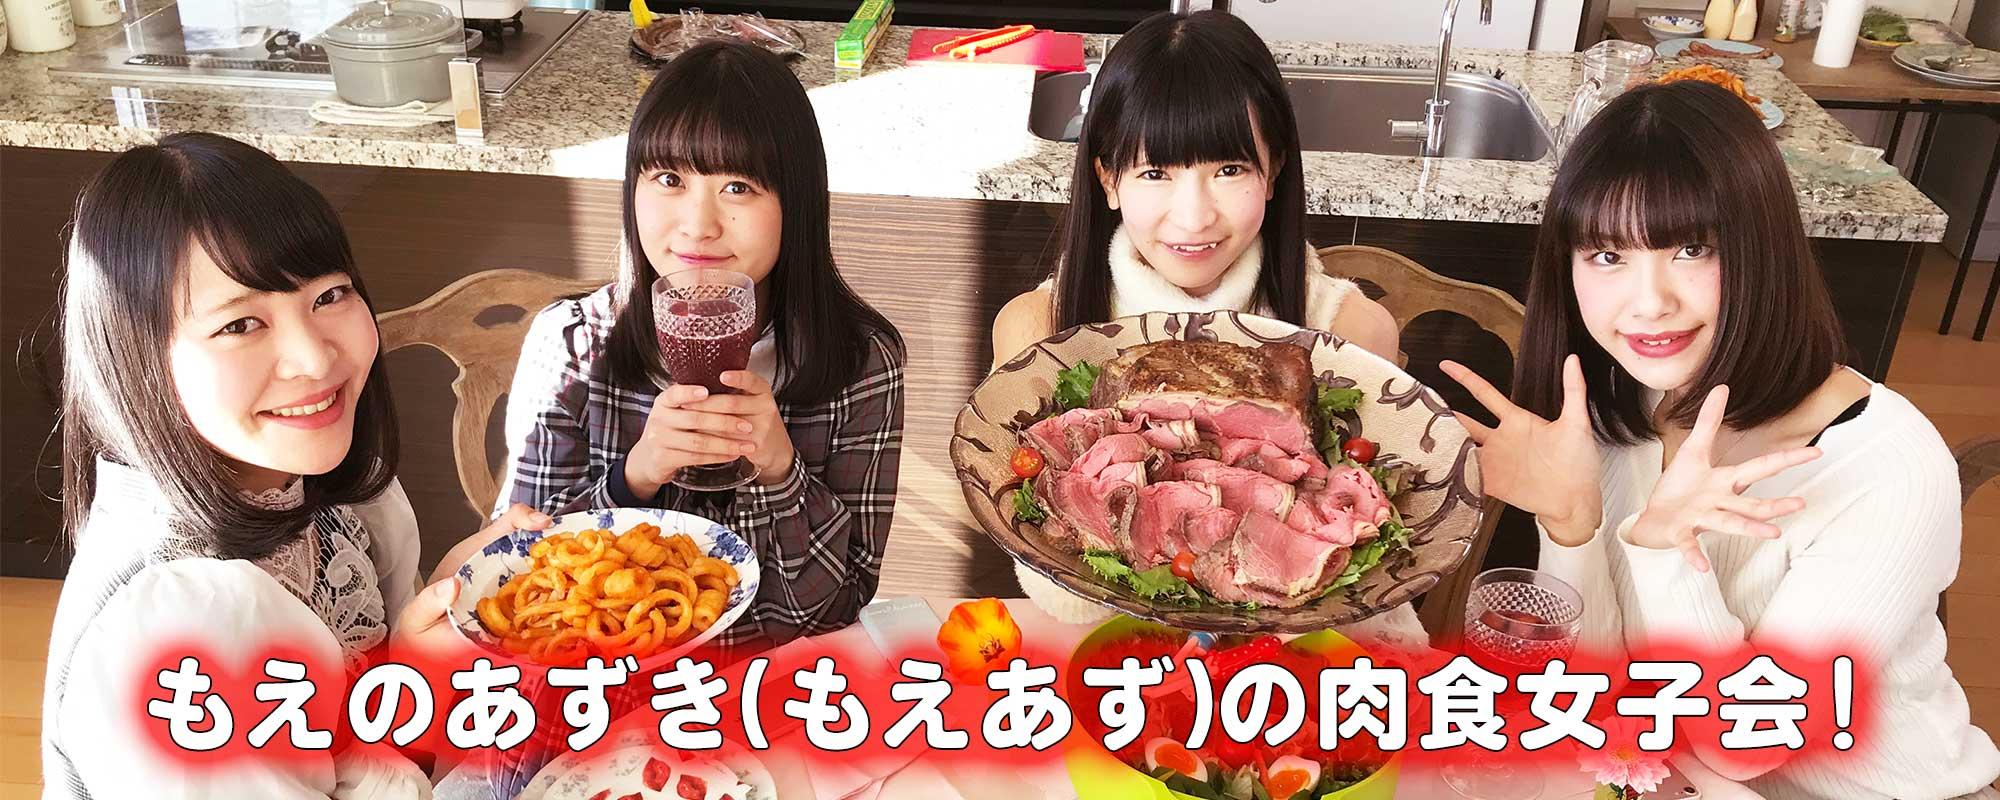 もえのあずき(もえあず)の肉食女子会